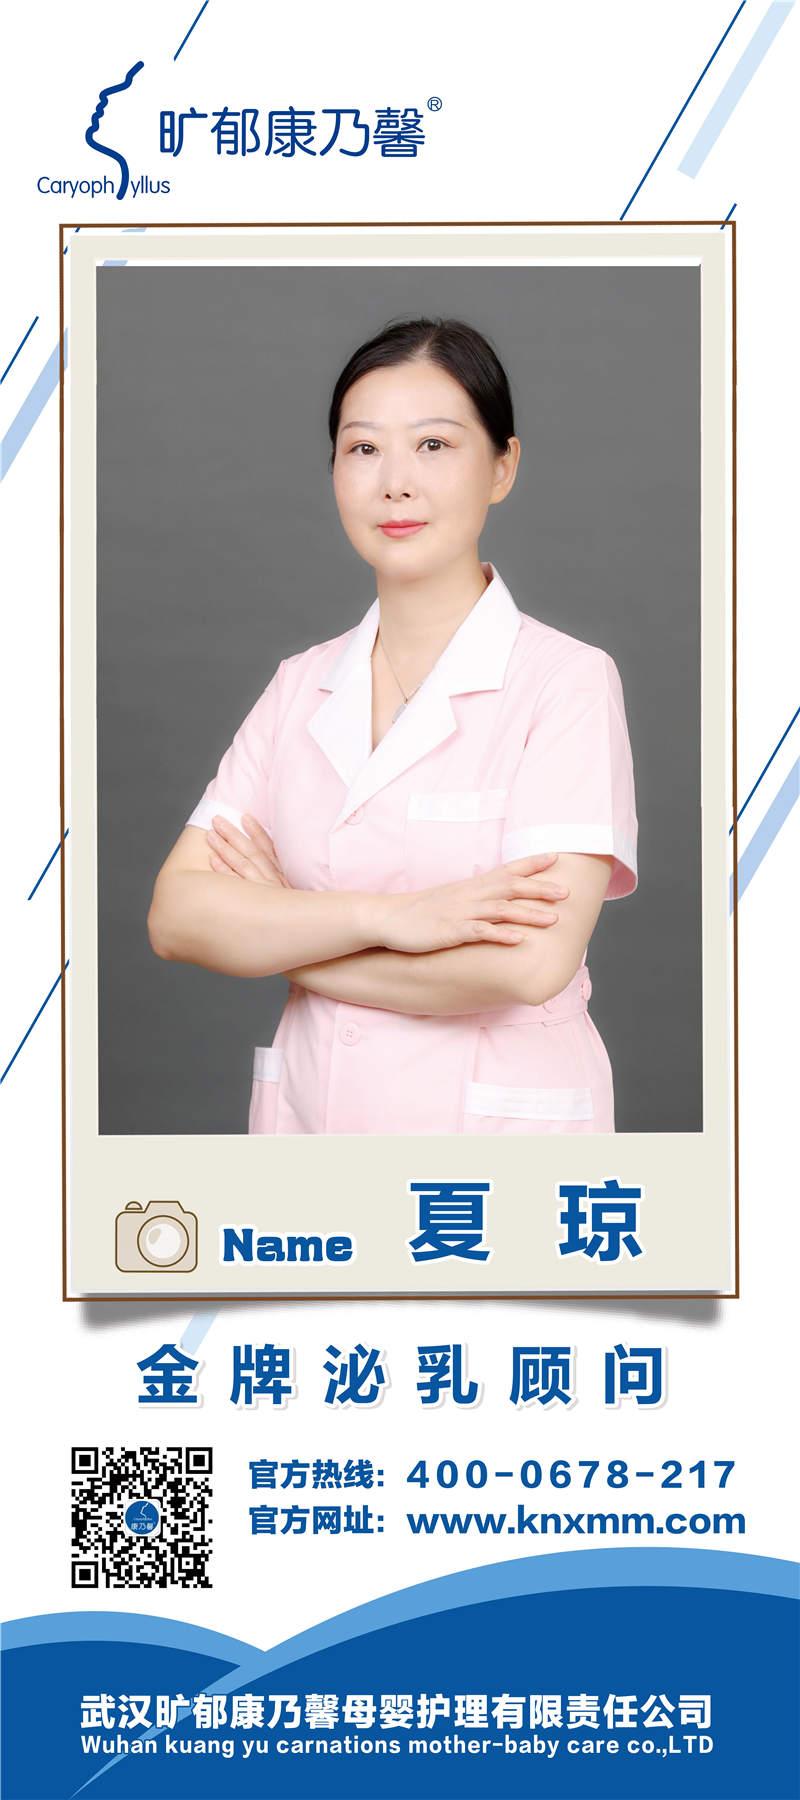 金牌泌乳顾问